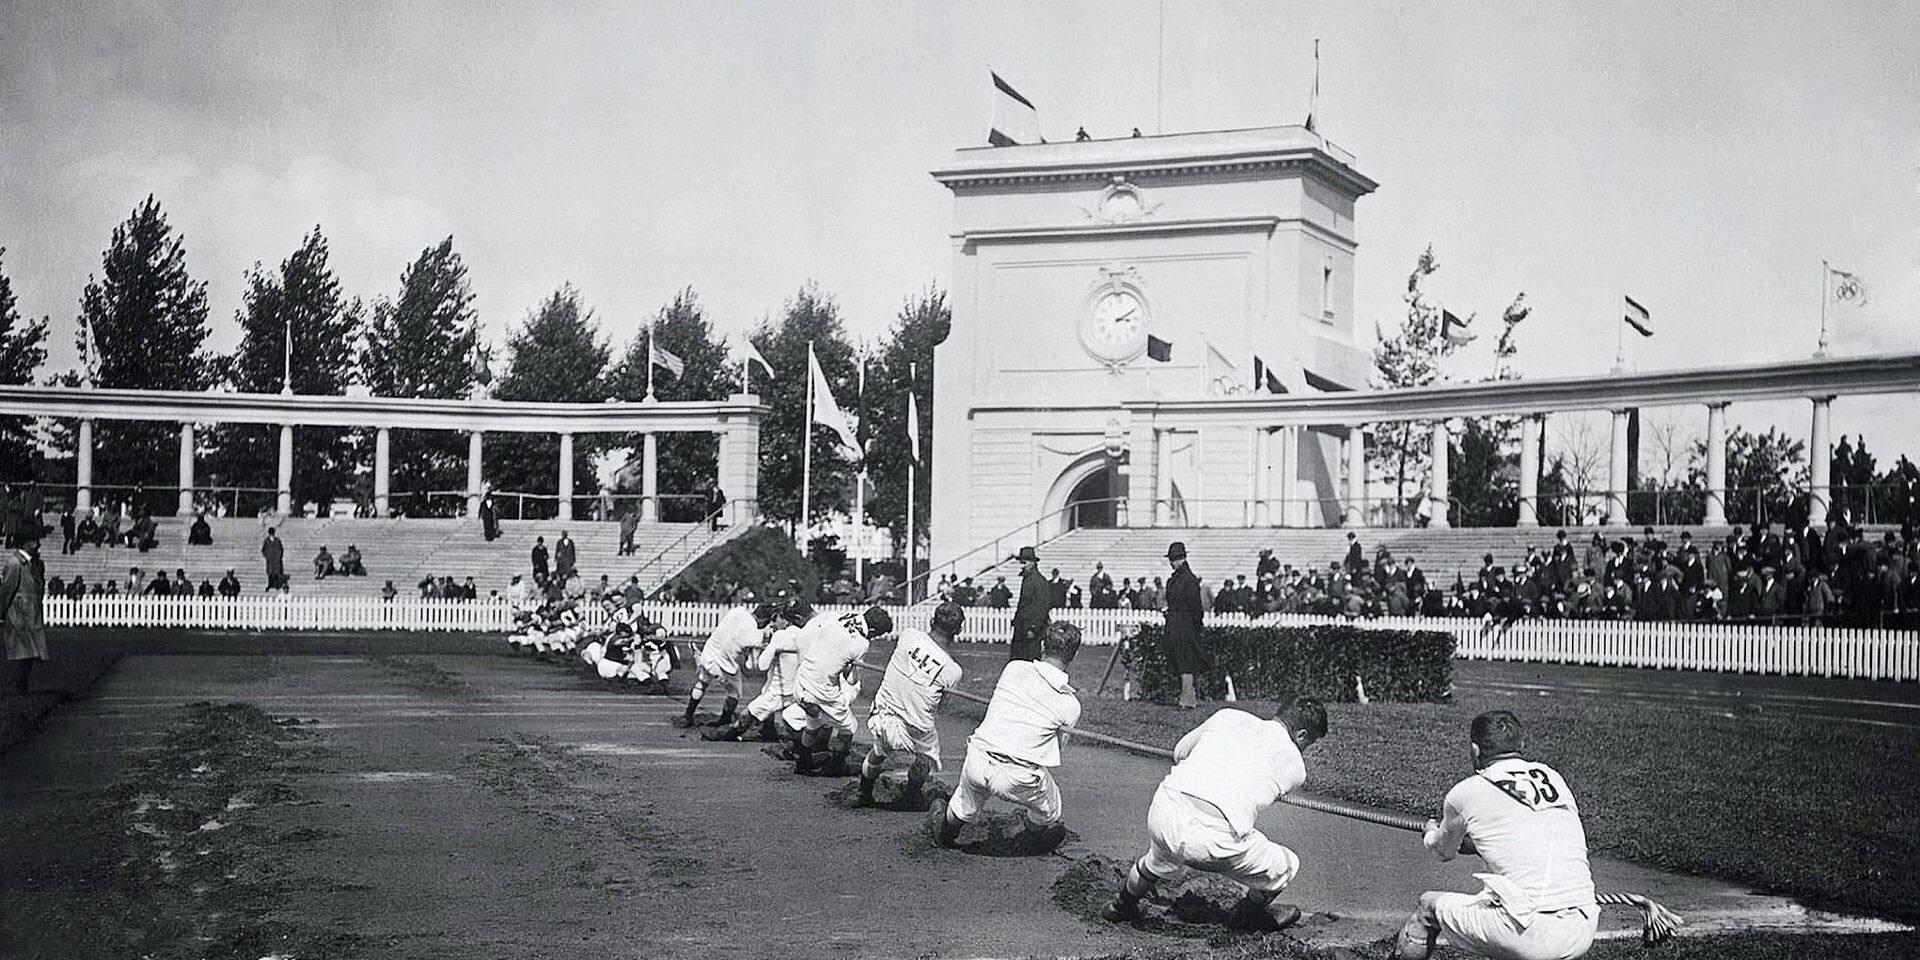 1920 : les Jeux Olympiques de la Paix à Anvers